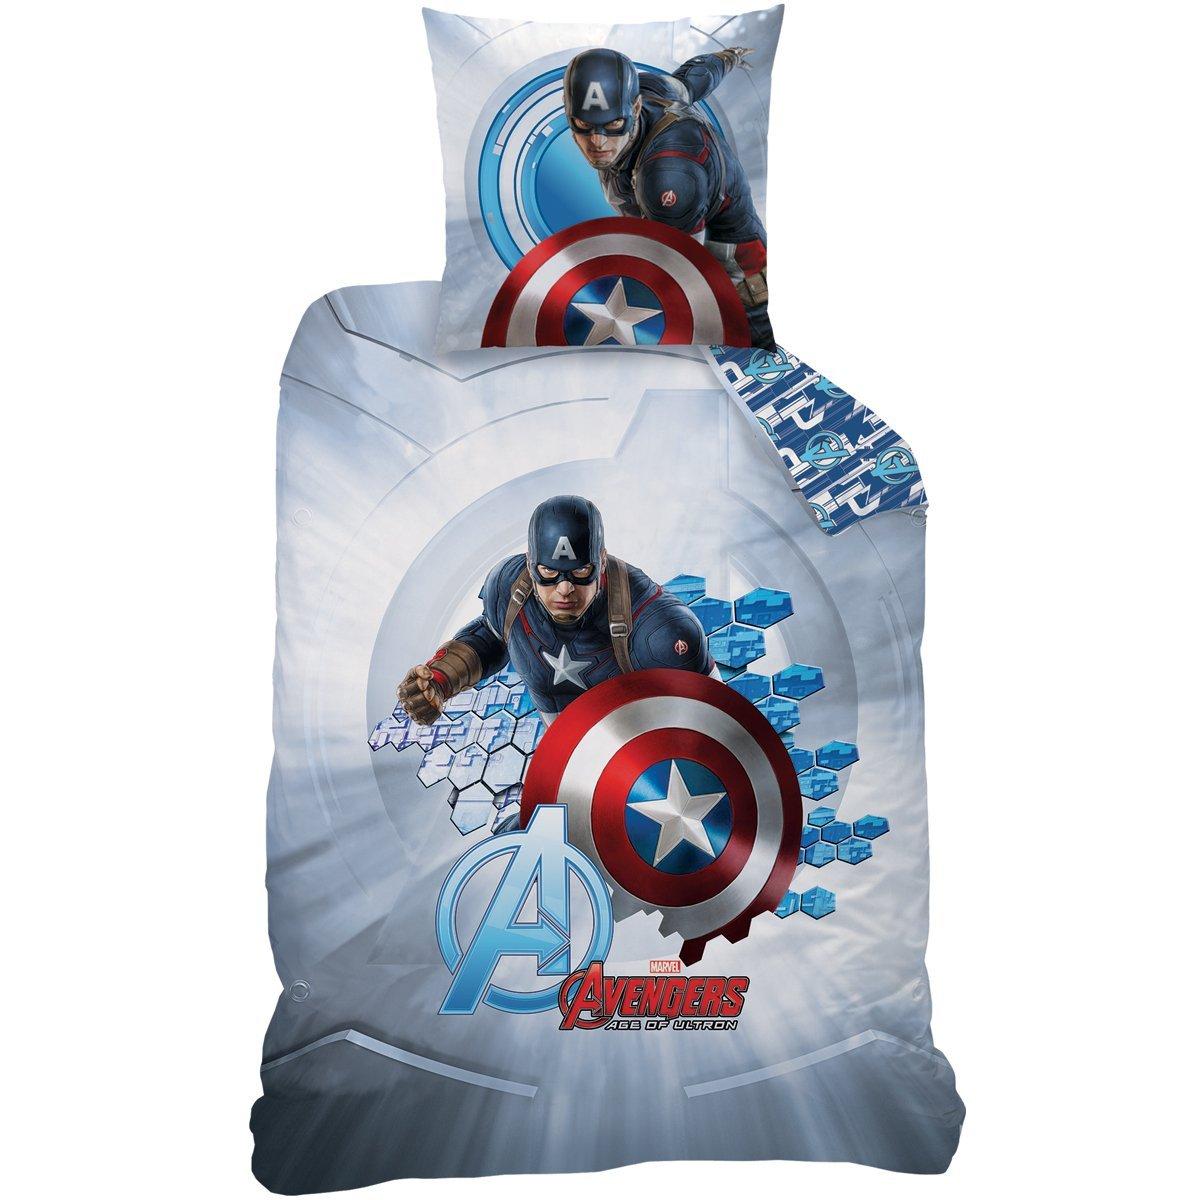 avengers captain america parure 140 x 200 coton r f ave432170 avengers decokids tous. Black Bedroom Furniture Sets. Home Design Ideas